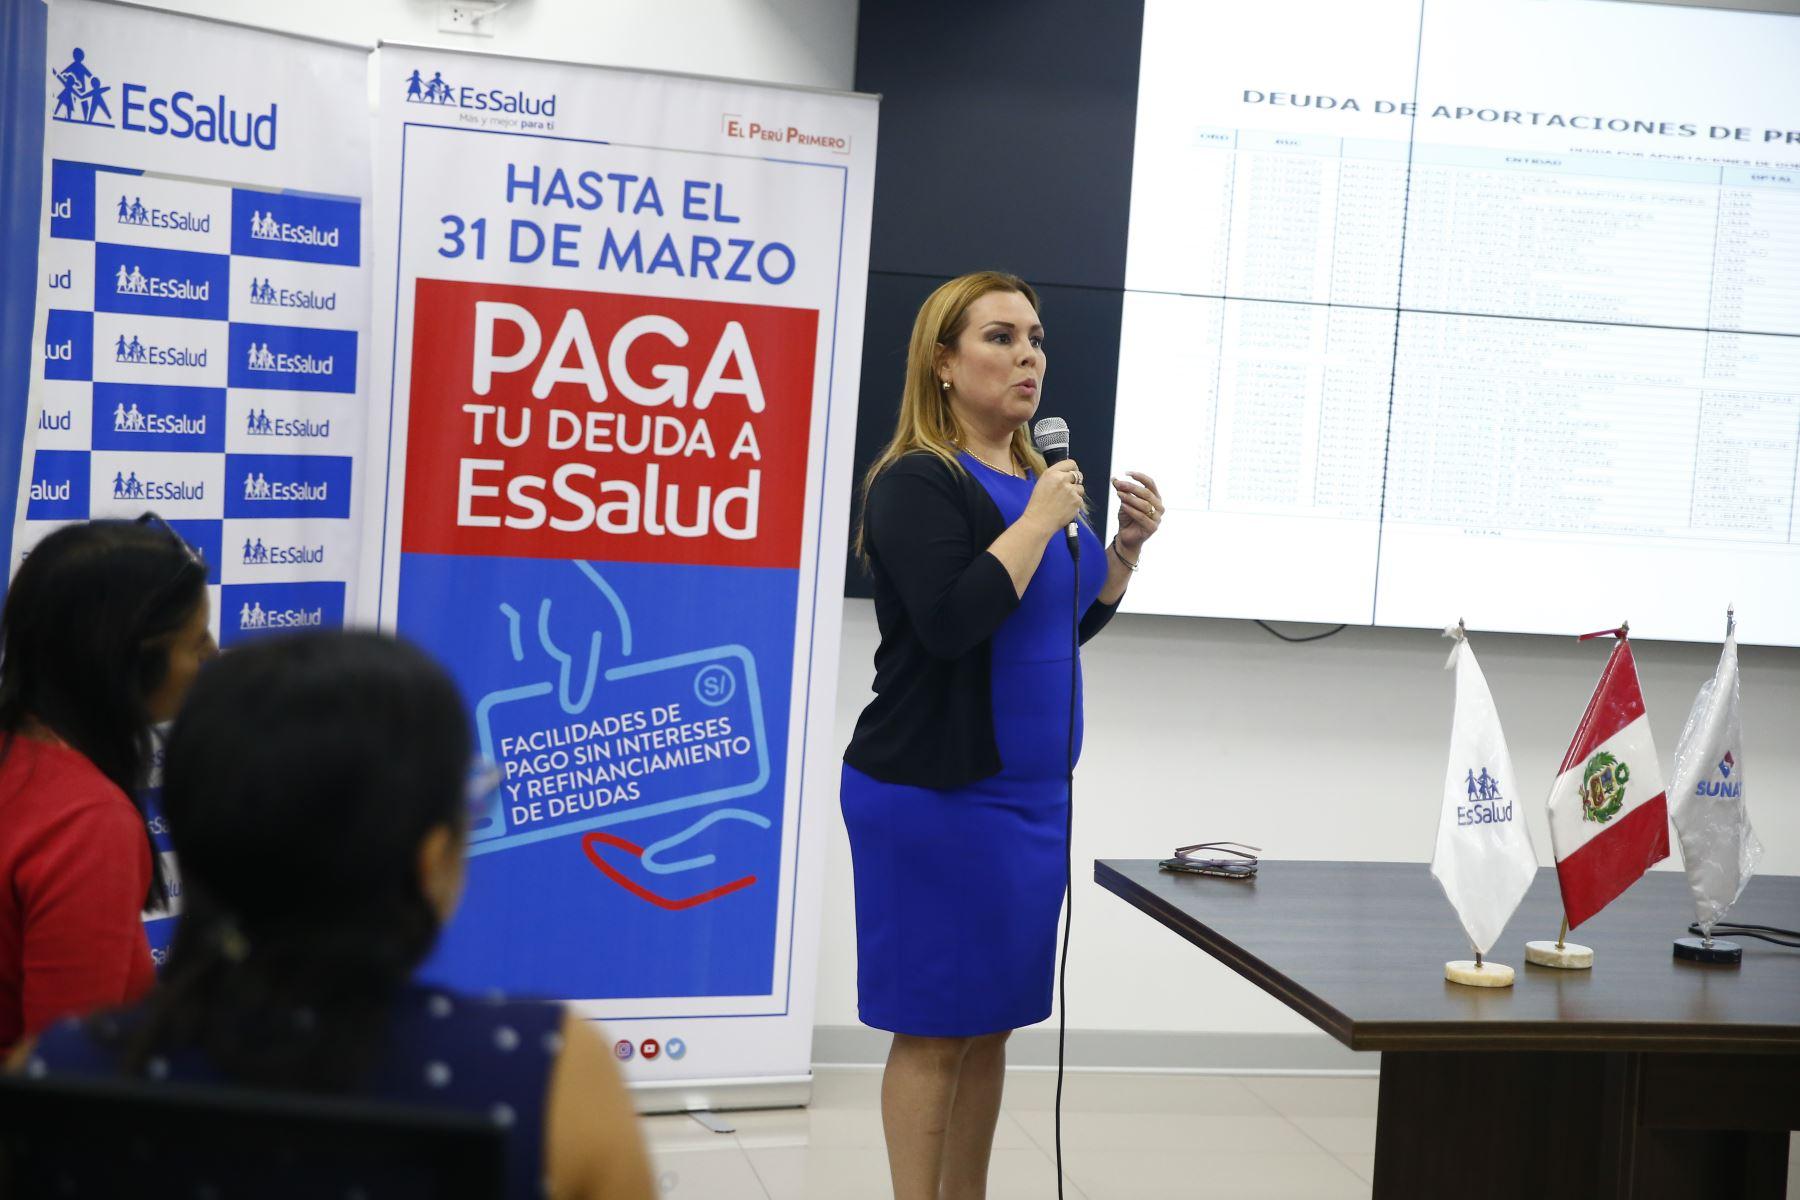 """EsSalud y la Sunat lanzan la campaña """"Paga tu deuda"""" a fin de dar facilidades de pago a las empresas públicas y privadas que tienen deudas por aportaciones. Foto: ANDINA/Jhonel Rodríguez Robles"""